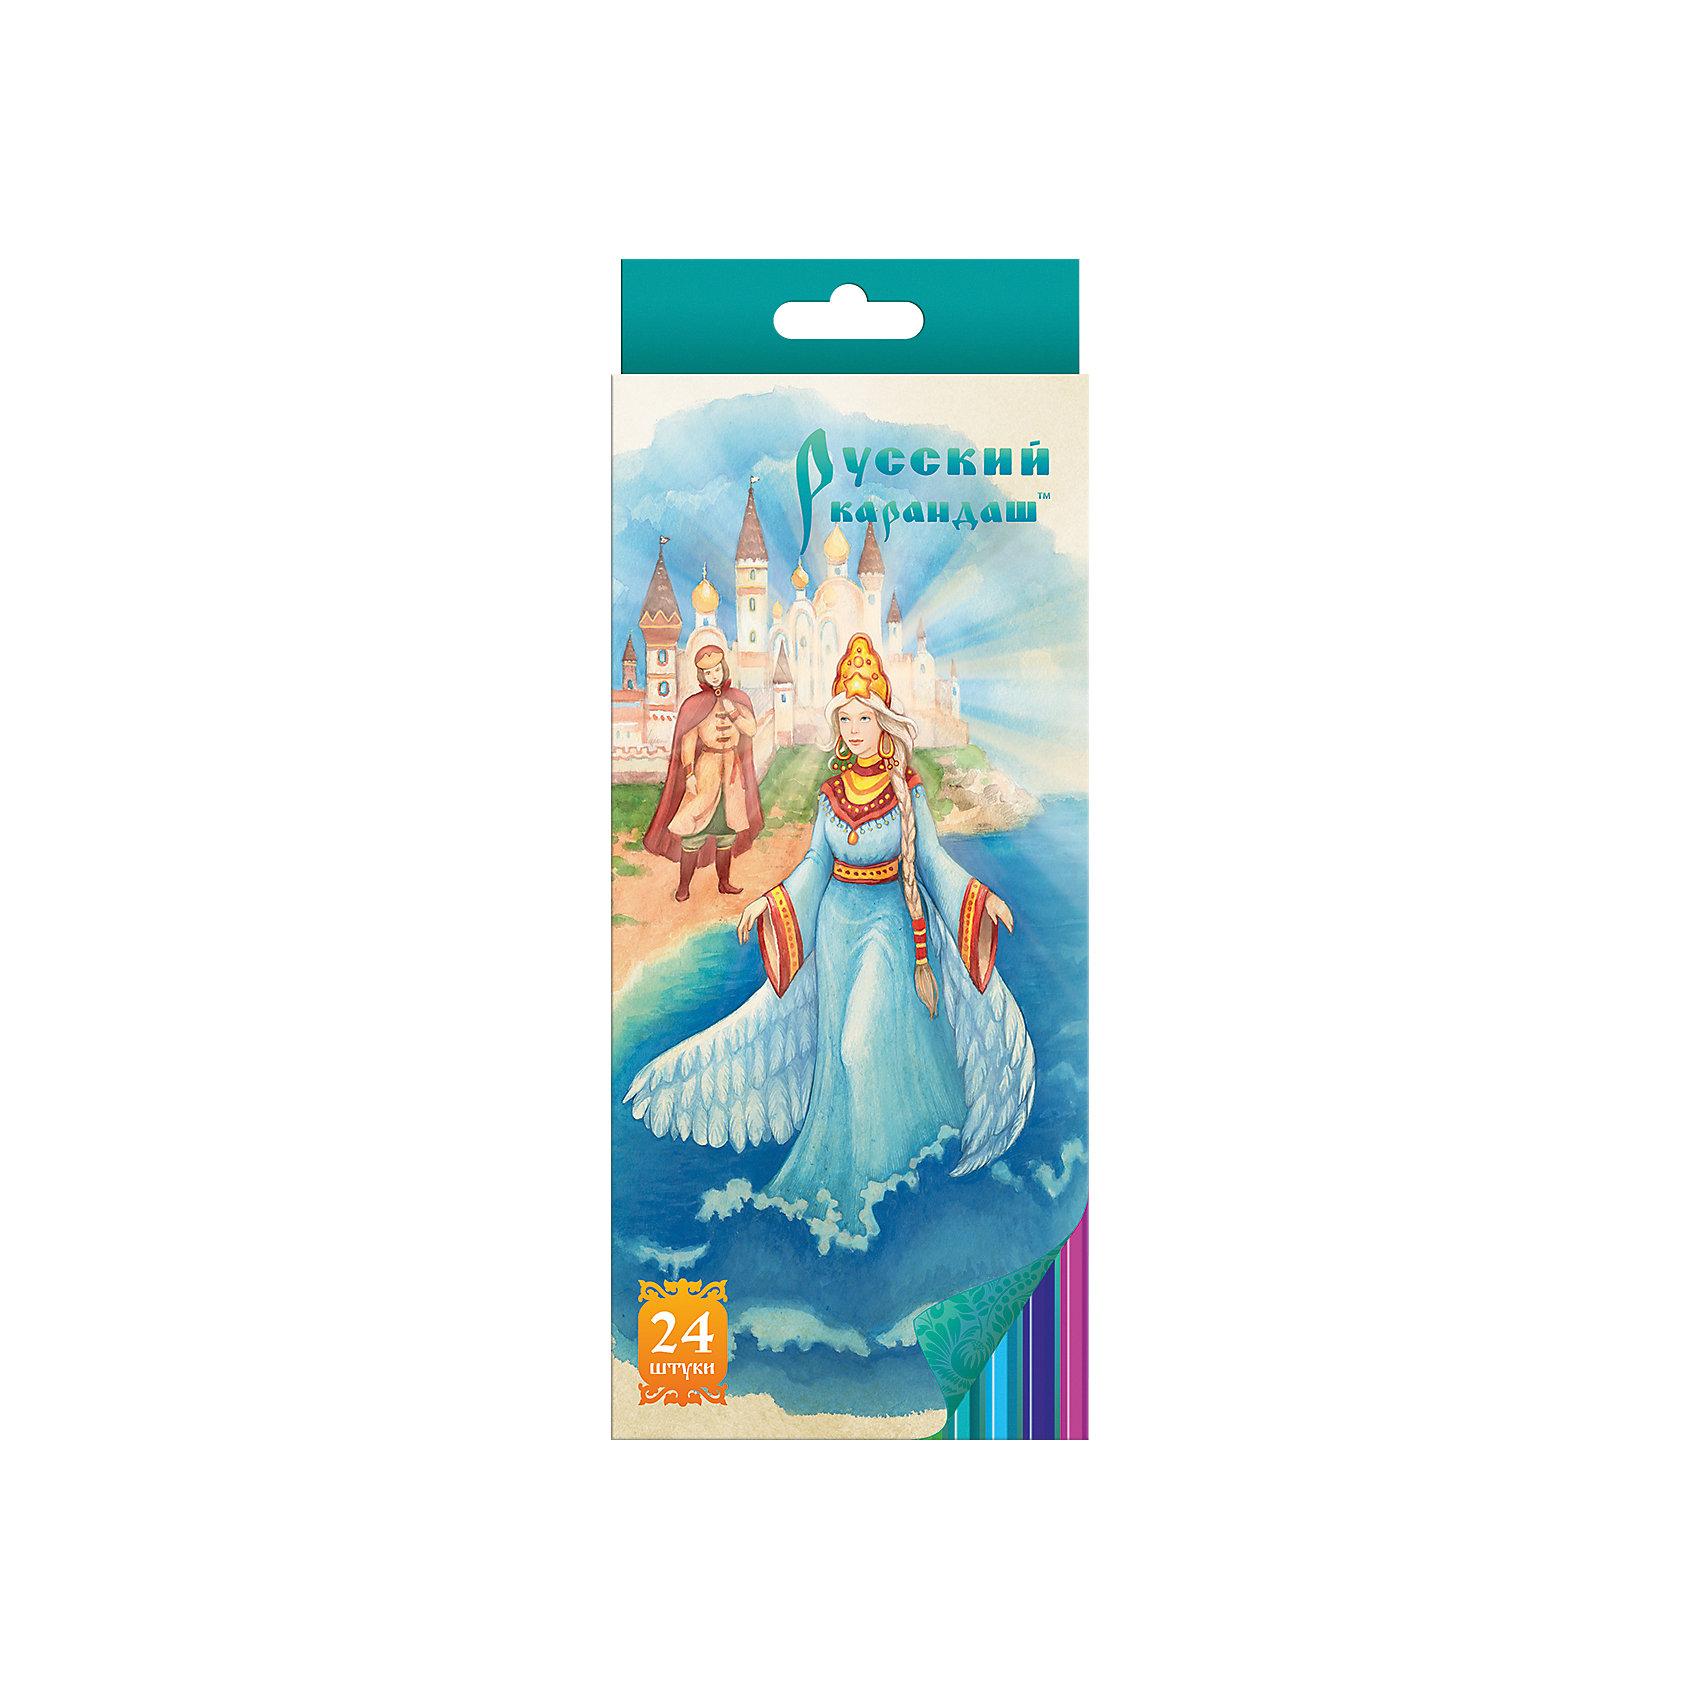 Proff Карандаши цветные Сказки, 18 цветов карандаши 18 цветов деревянные cuya 2926 18